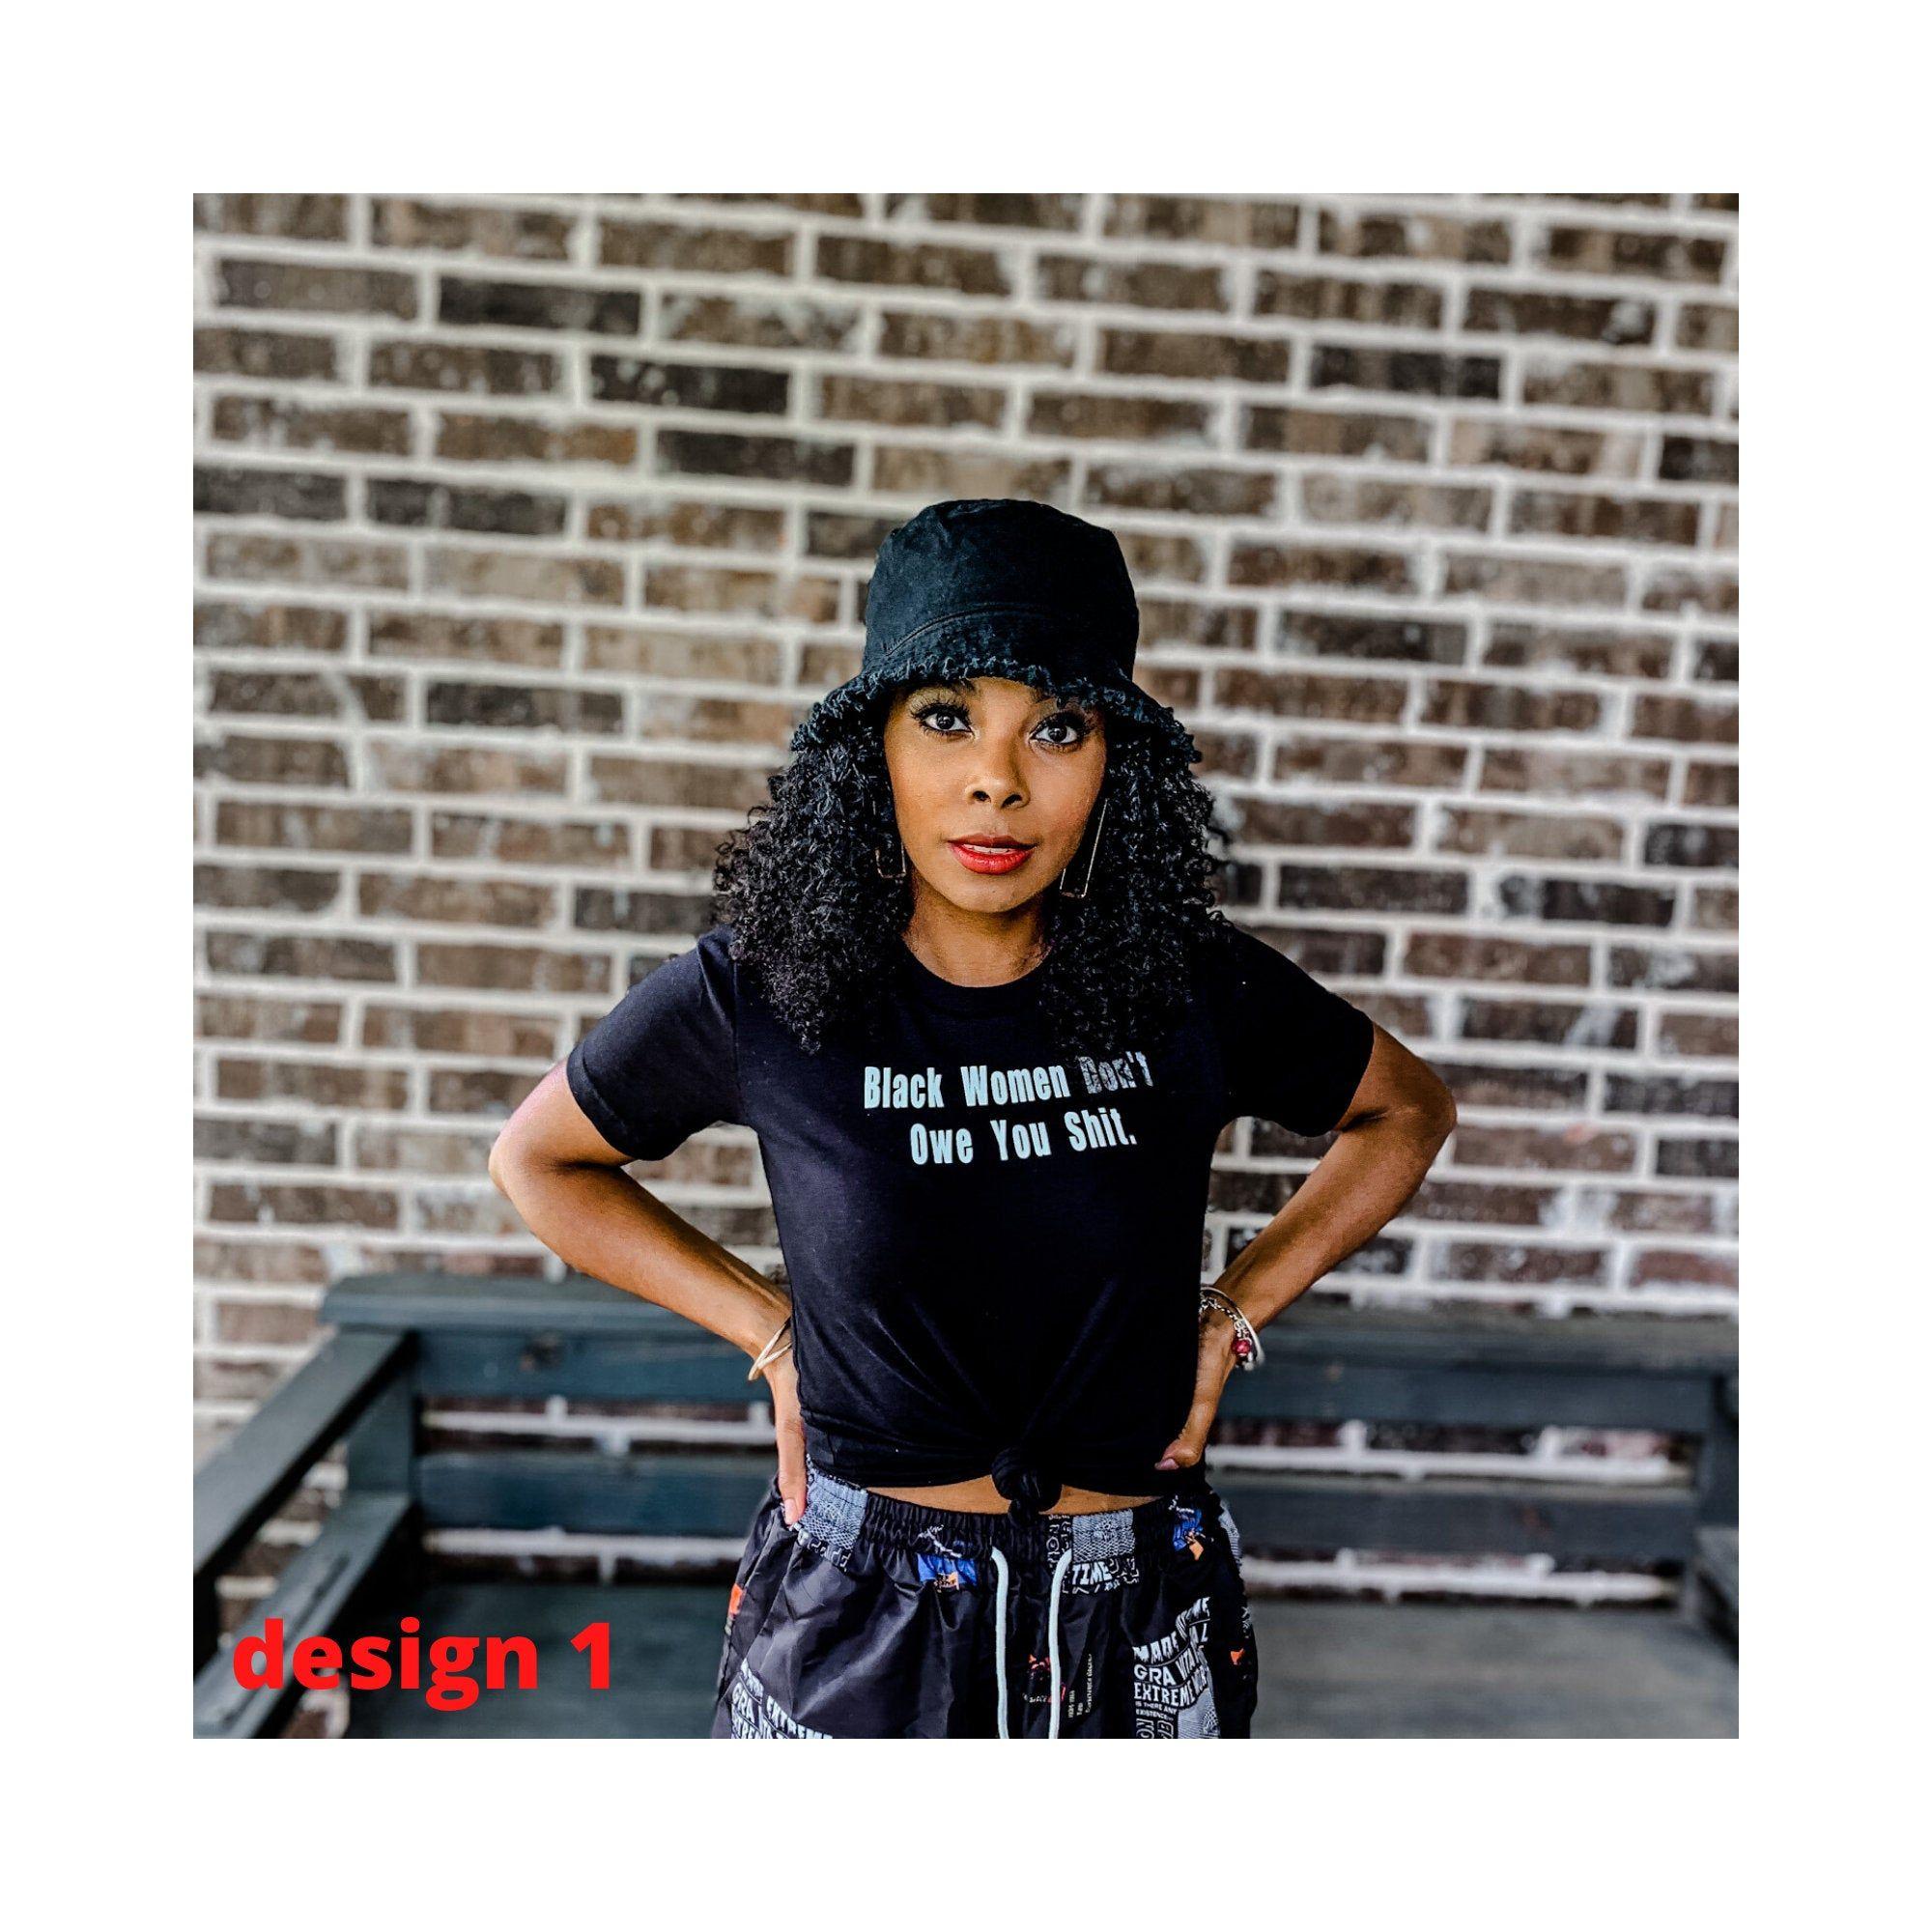 Black Lives Matter Shirt Black Women Shirts Protest Shirts T Shirts Queen Shirts Women T Shirts Black Lives Matter Shirt Queen Shirts T Shirts For Women